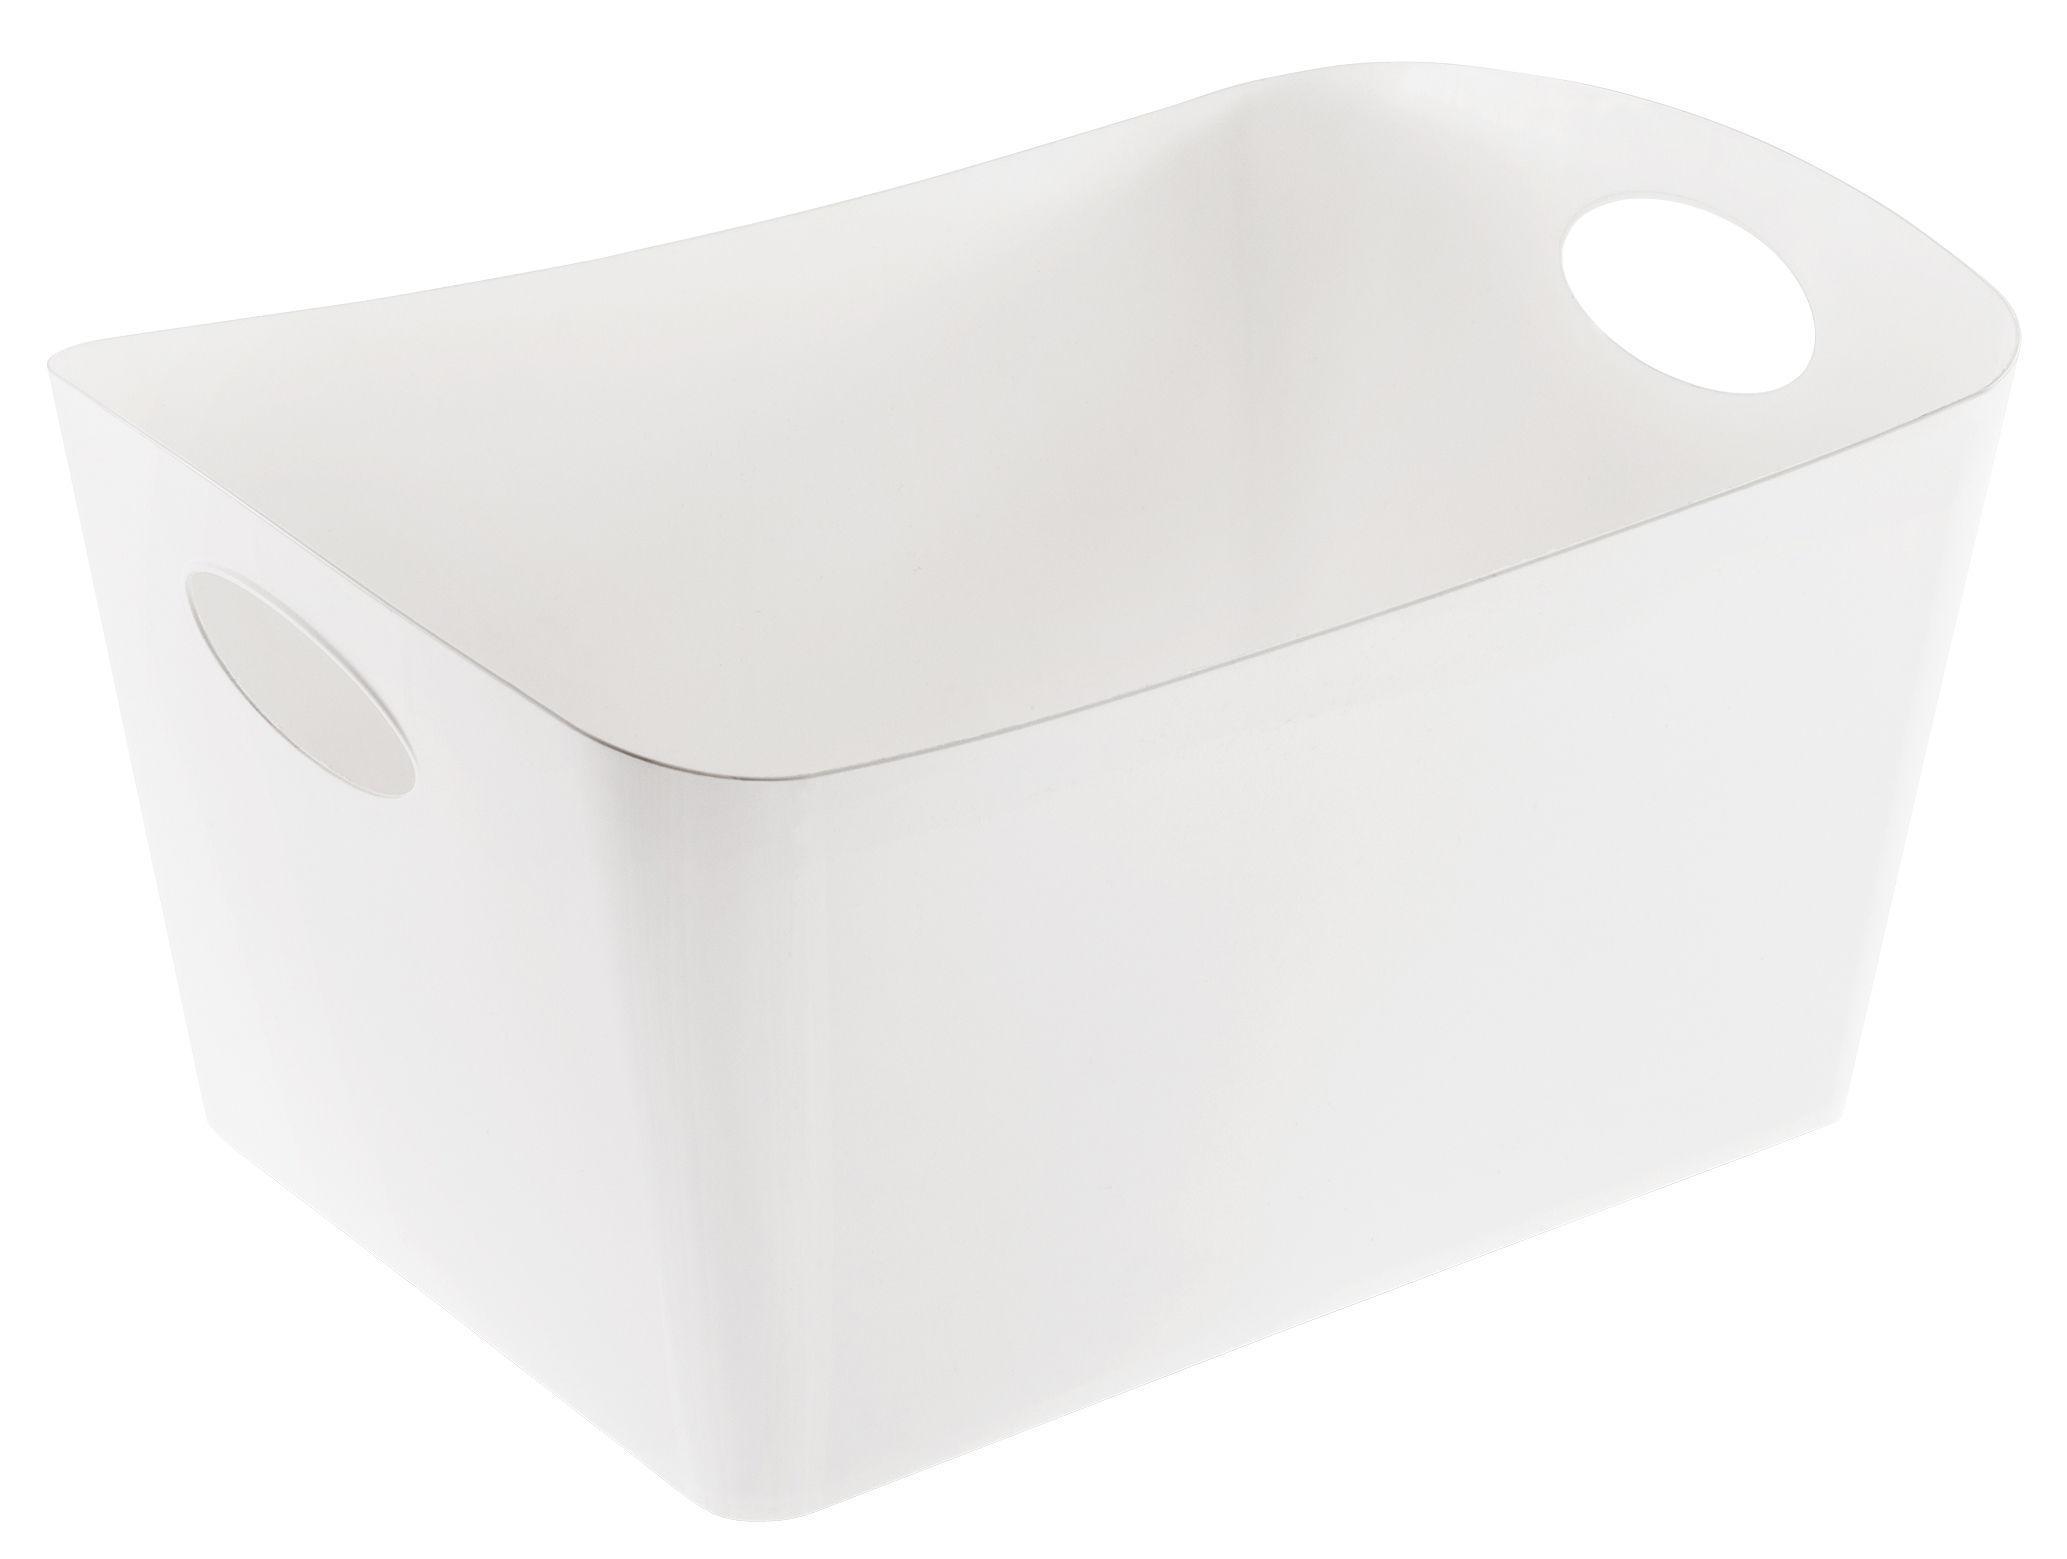 Déco - Paniers et petits rangements - Panier Boxxx L / 15 L - Koziol - Blanc opaque - Matière plastique